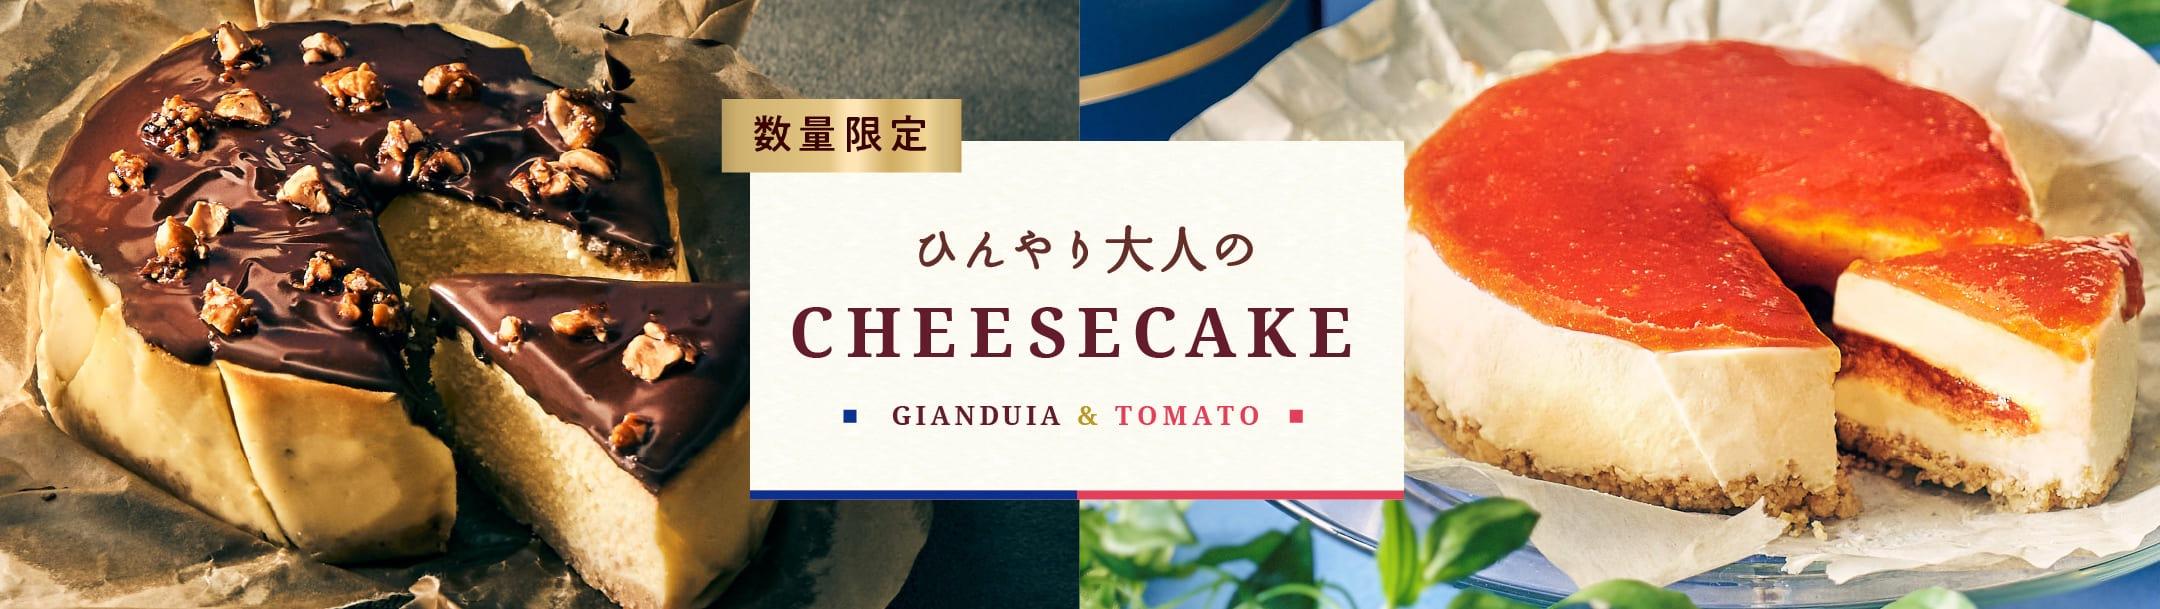 お取り寄せチーズケーキジャンドゥーヤ